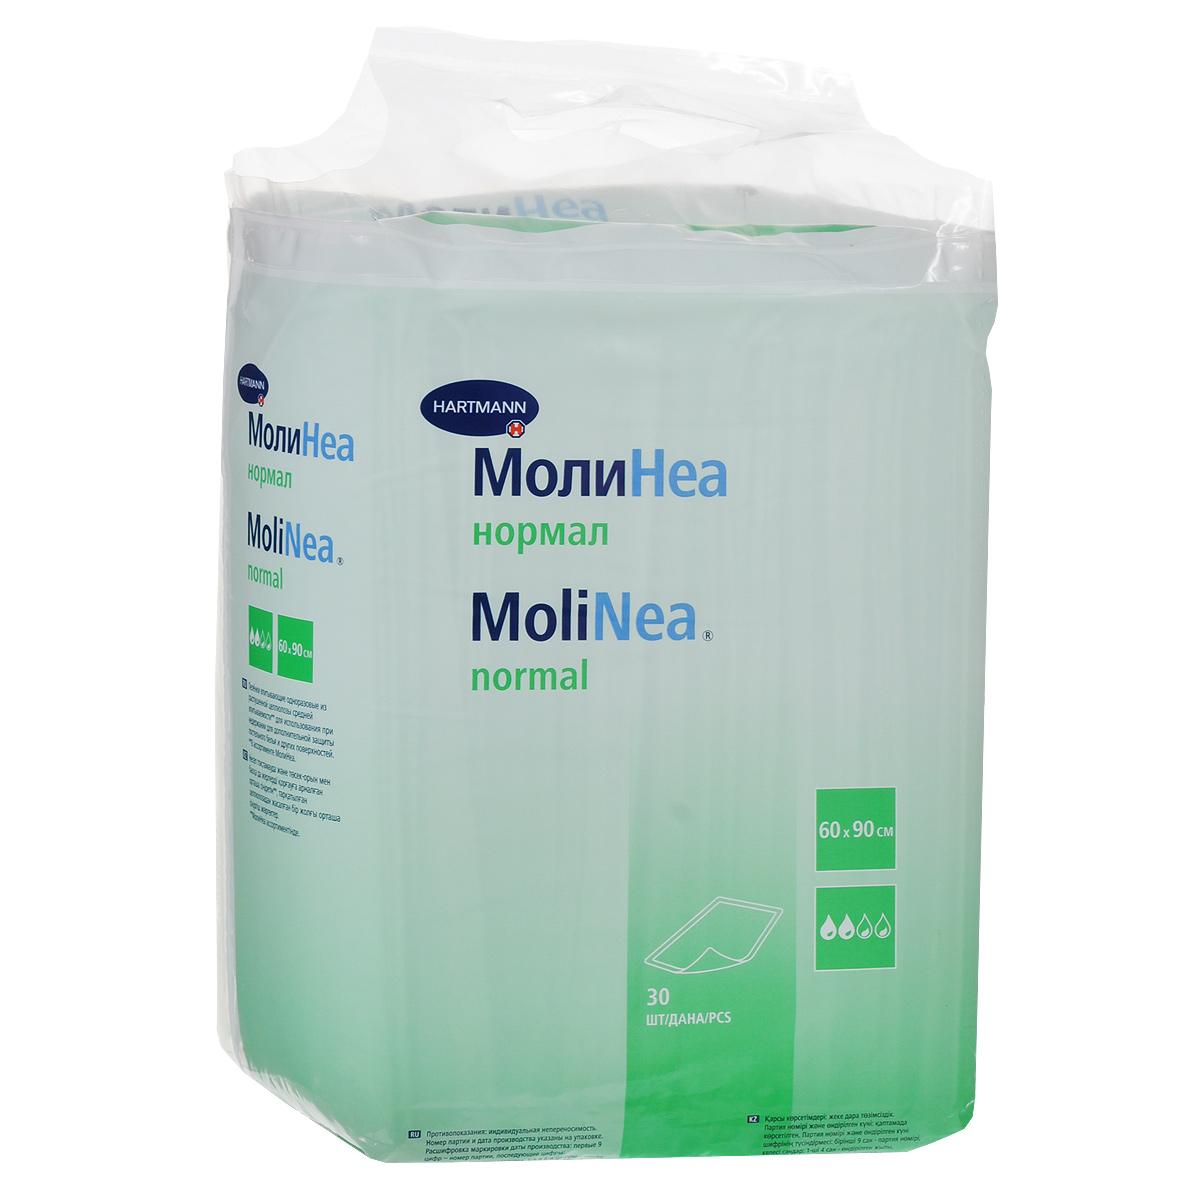 Одноразовые впитывающие пеленки Molinea (Молинеа) Normal, 60 см х 90 см, 30 шт mepsi пеленки одноразовые впитывающие 60 х 60 см 5 шт